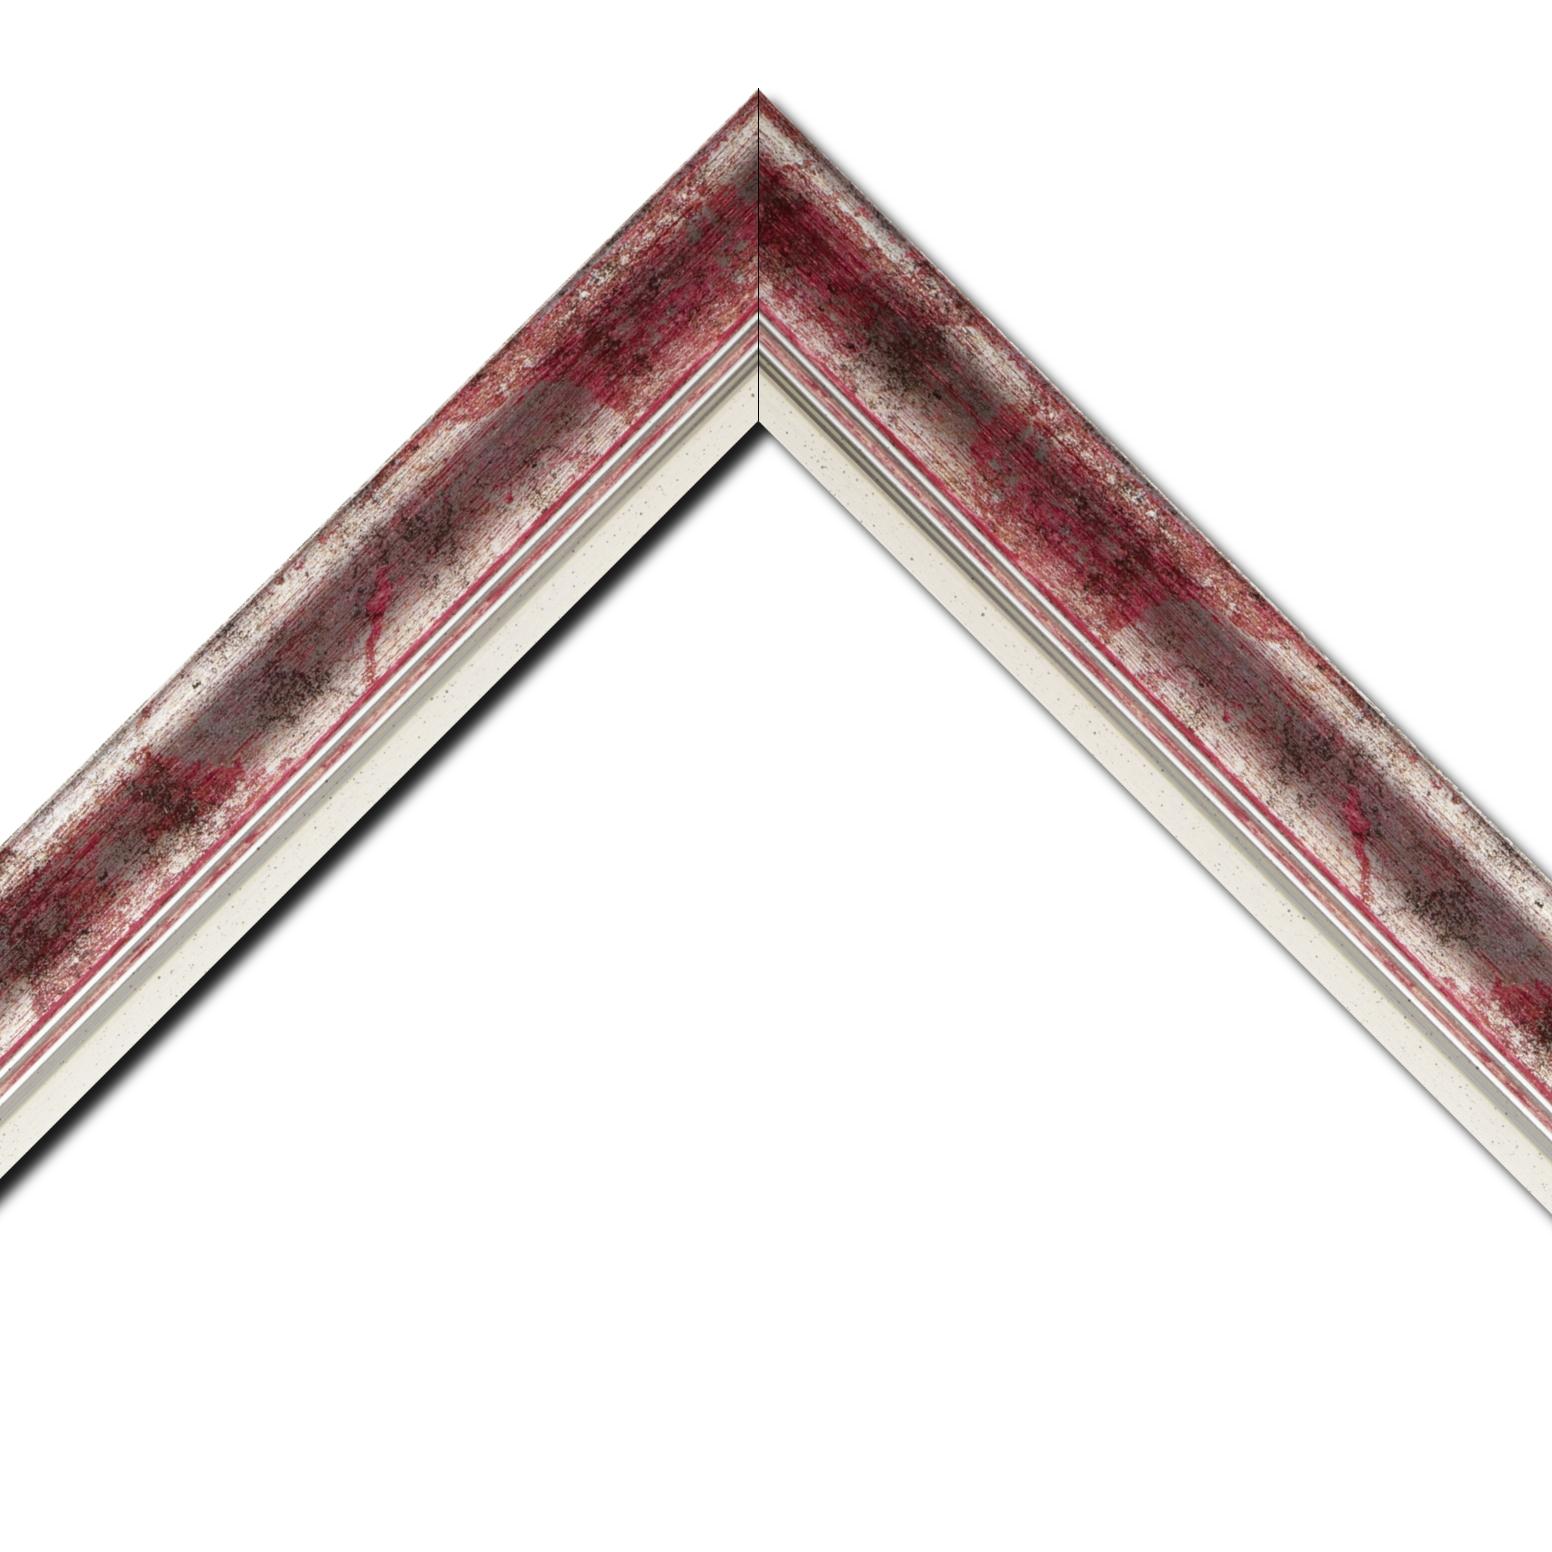 Baguette bois profil incurvé largeur 5.7cm de couleur rose fushia fond argent marie louise blanche mouchetée filet argent intégré